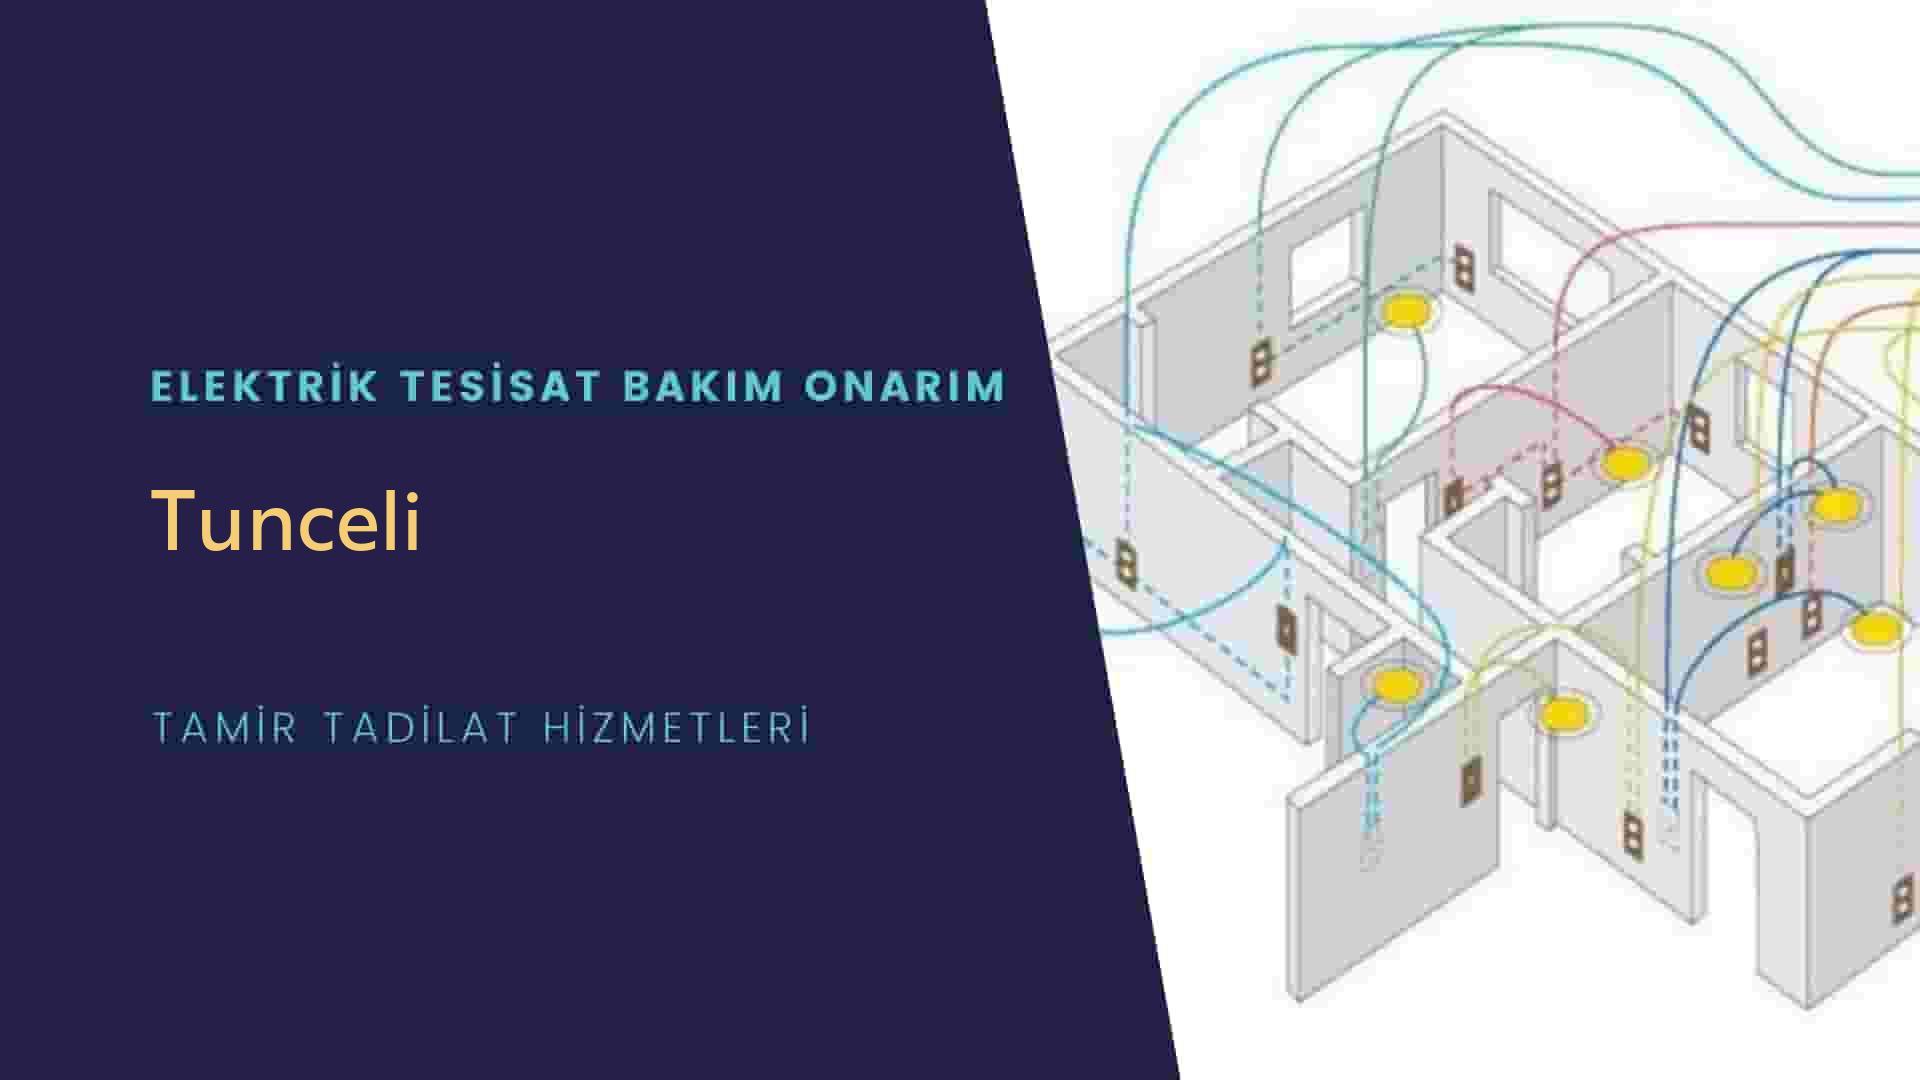 Tunceli'de elektrik tesisatıustalarımı arıyorsunuz doğru adrestenizi Tunceli elektrik tesisatı ustalarımız 7/24 sizlere hizmet vermekten mutluluk duyar.